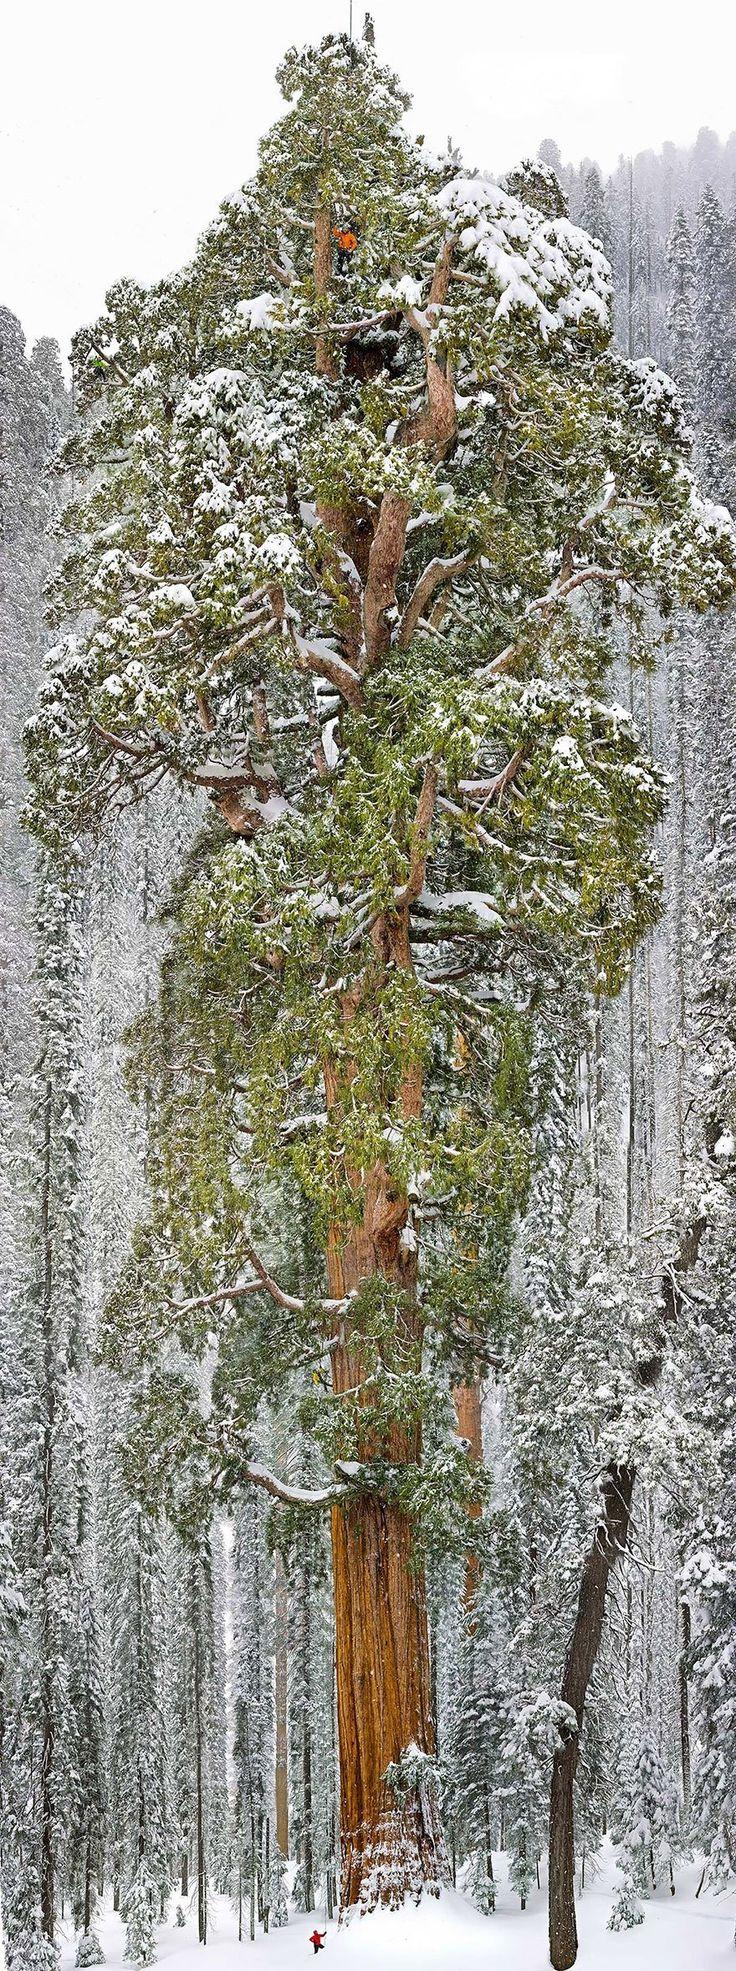 El tercer árbol más alto del mundo (una secuoya gigante), California.